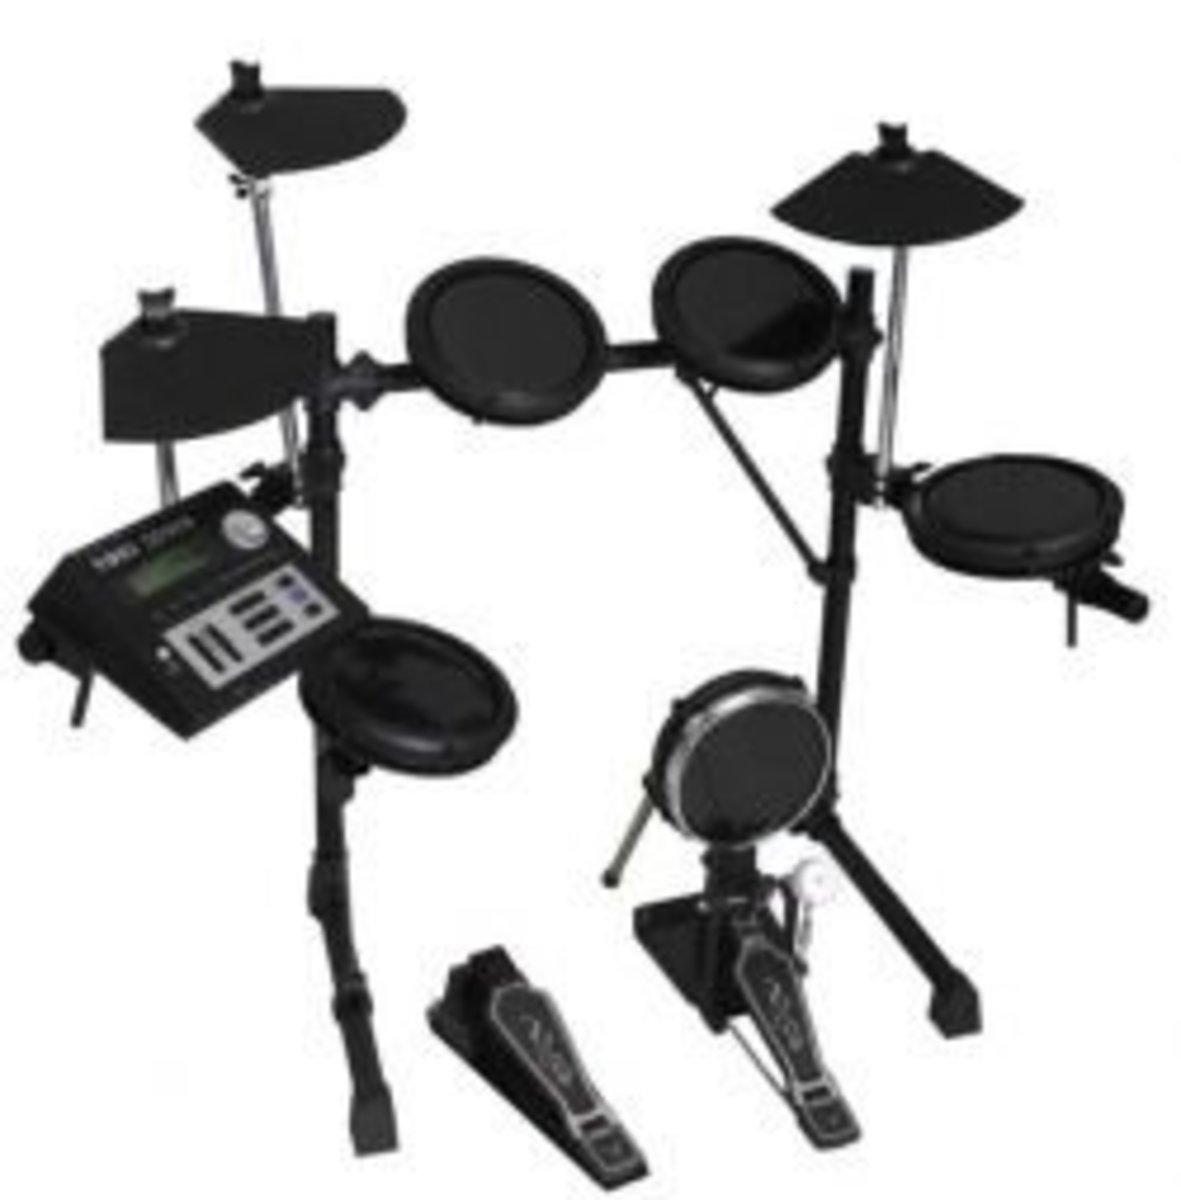 yoki-electronic-drum-set